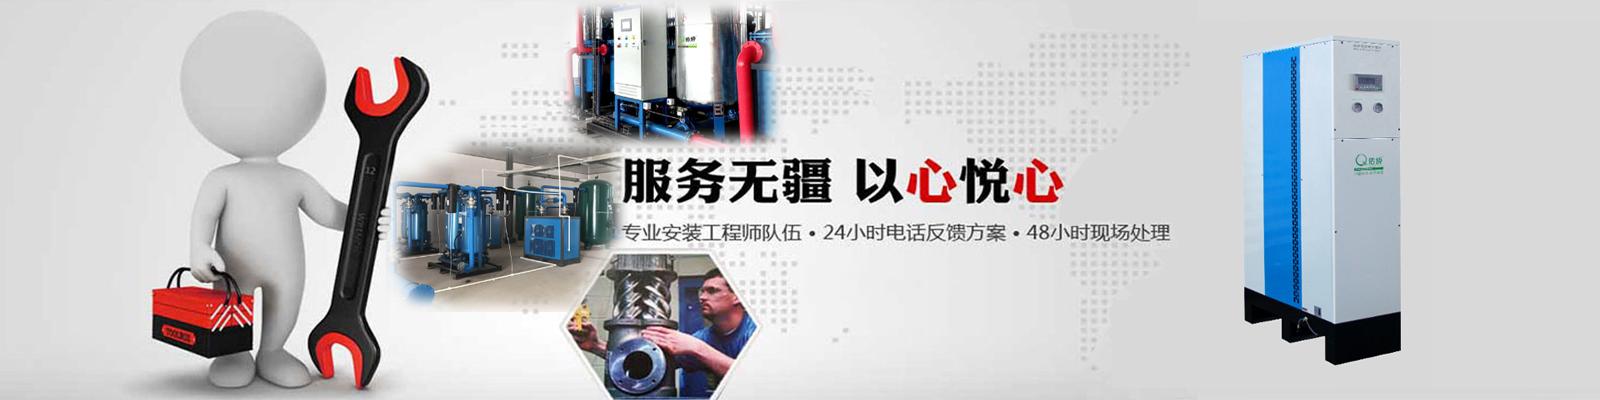 青岛空气压缩机